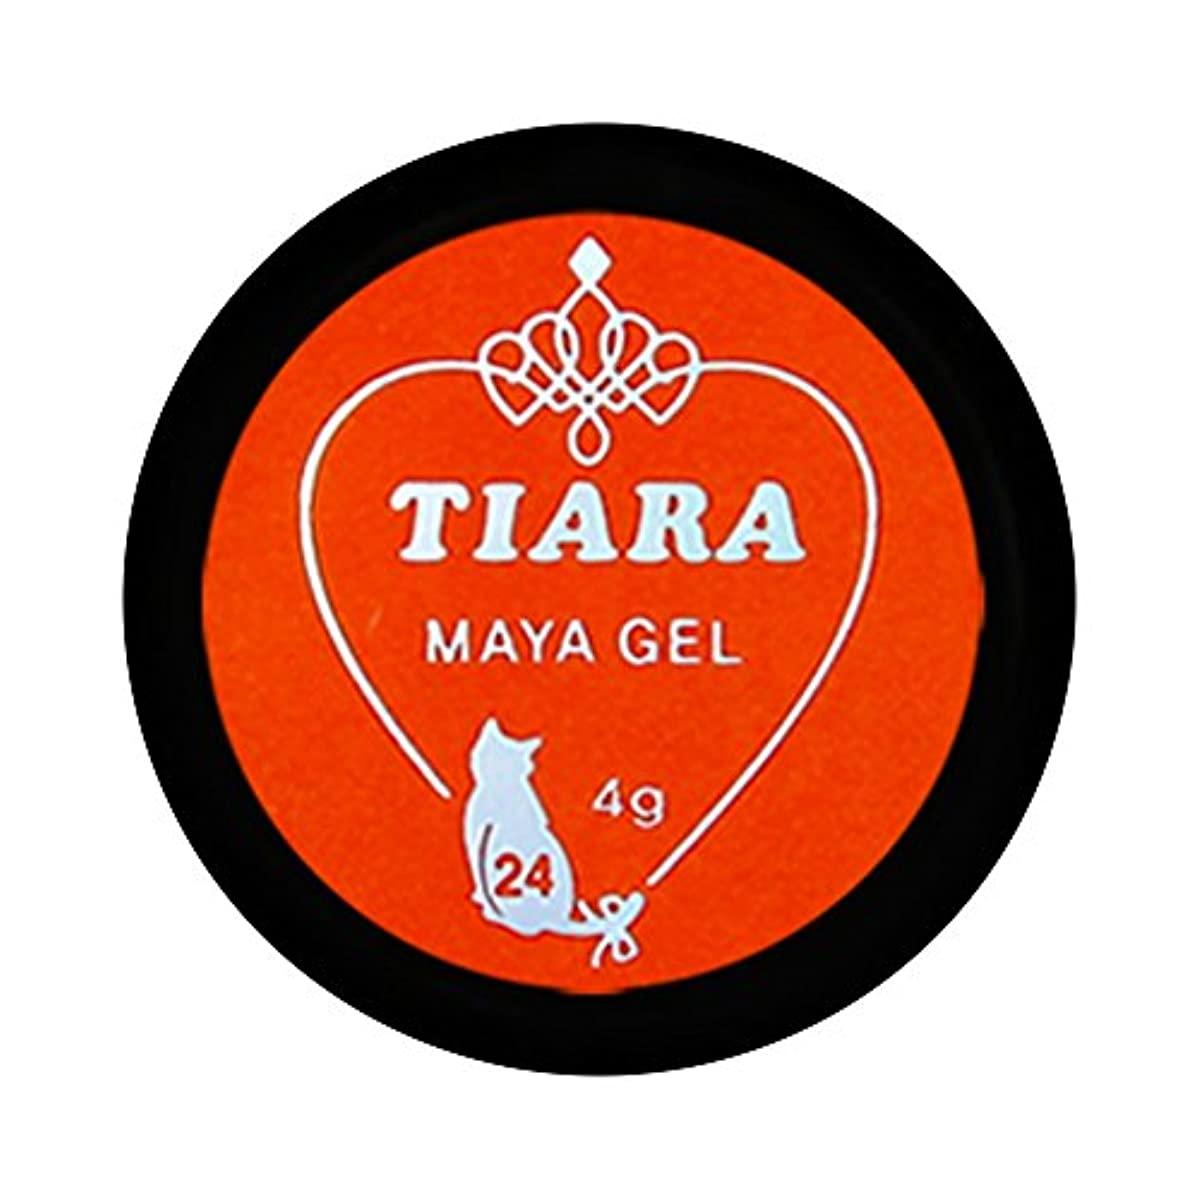 真珠のような入り口協力的グラシア ジェルネイル ティアラマヤジェル GM-024 4g  マット UV/LED対応 カラージェル ソークオフジェル